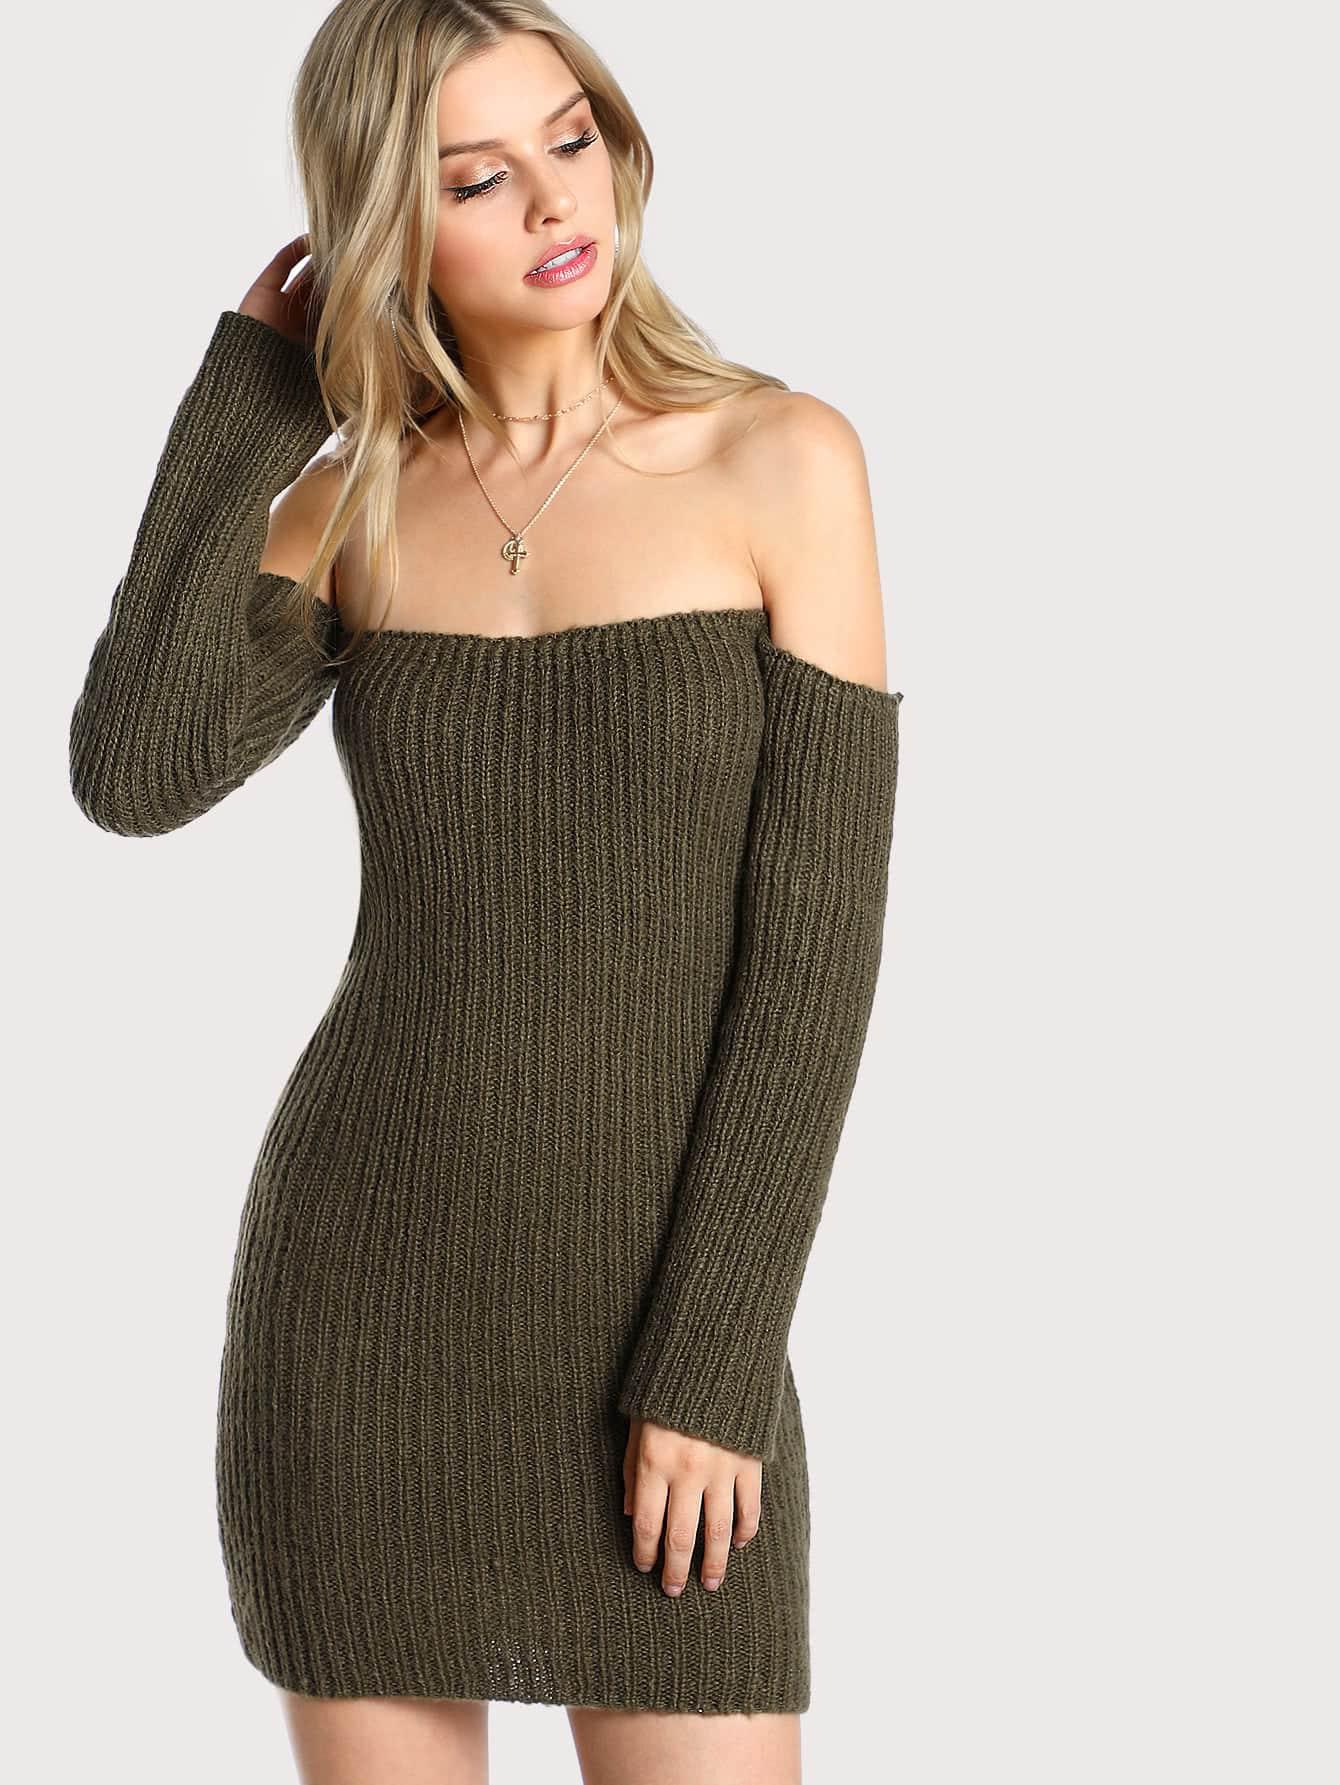 Off Shoulder Sweater Dress OLIVE -SheIn(Sheinside)